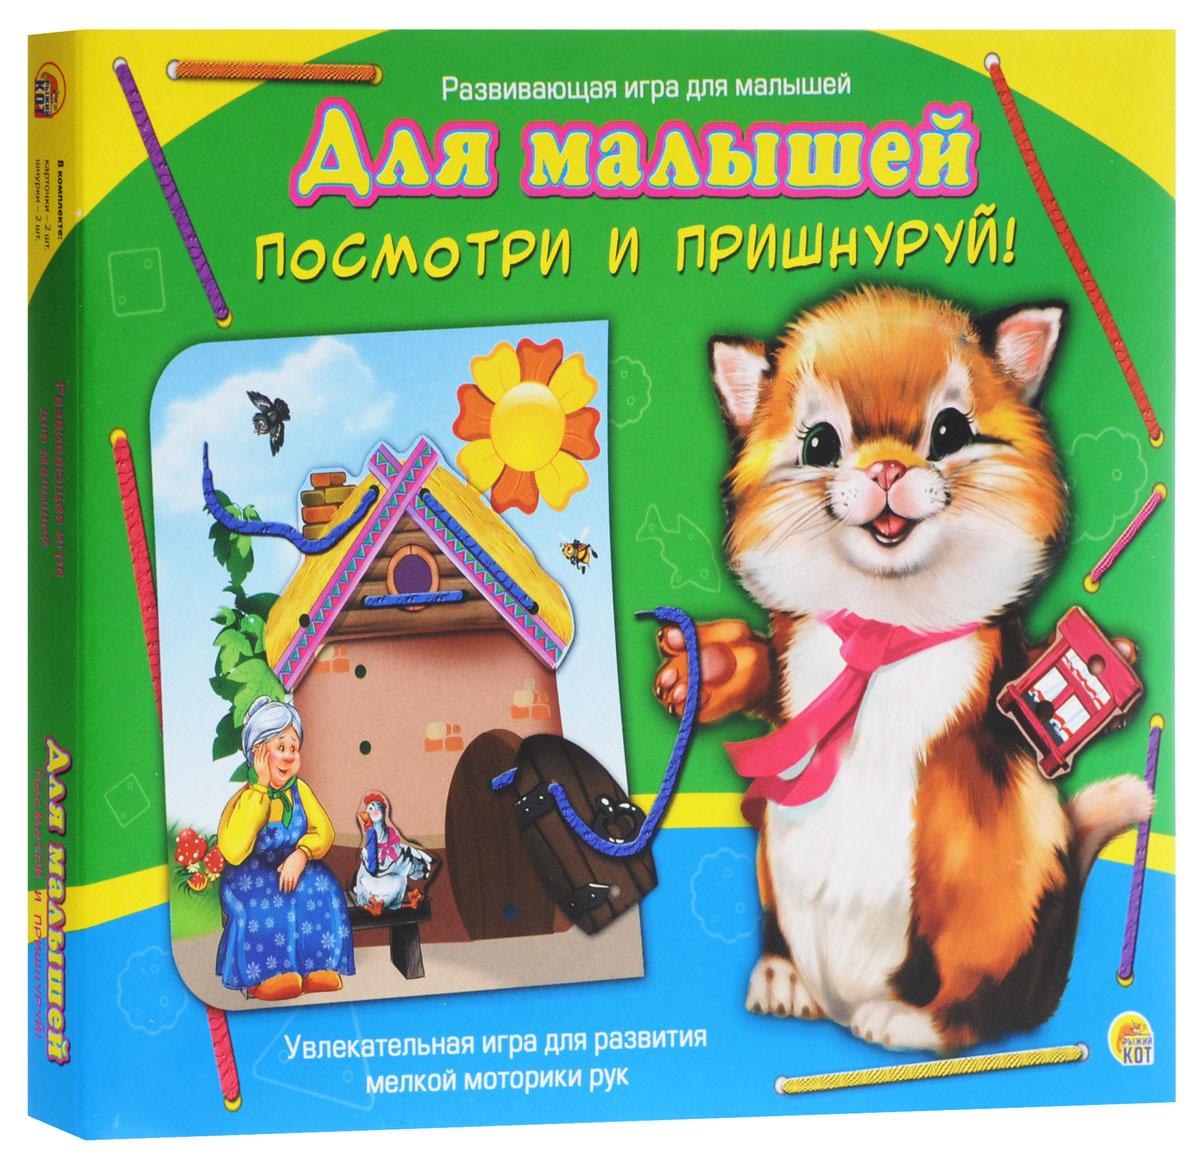 Рыжий Кот Настольная игра Посмотри и пришнуруй Для малышей рыжий кот настольная игра лото для самых маленьких